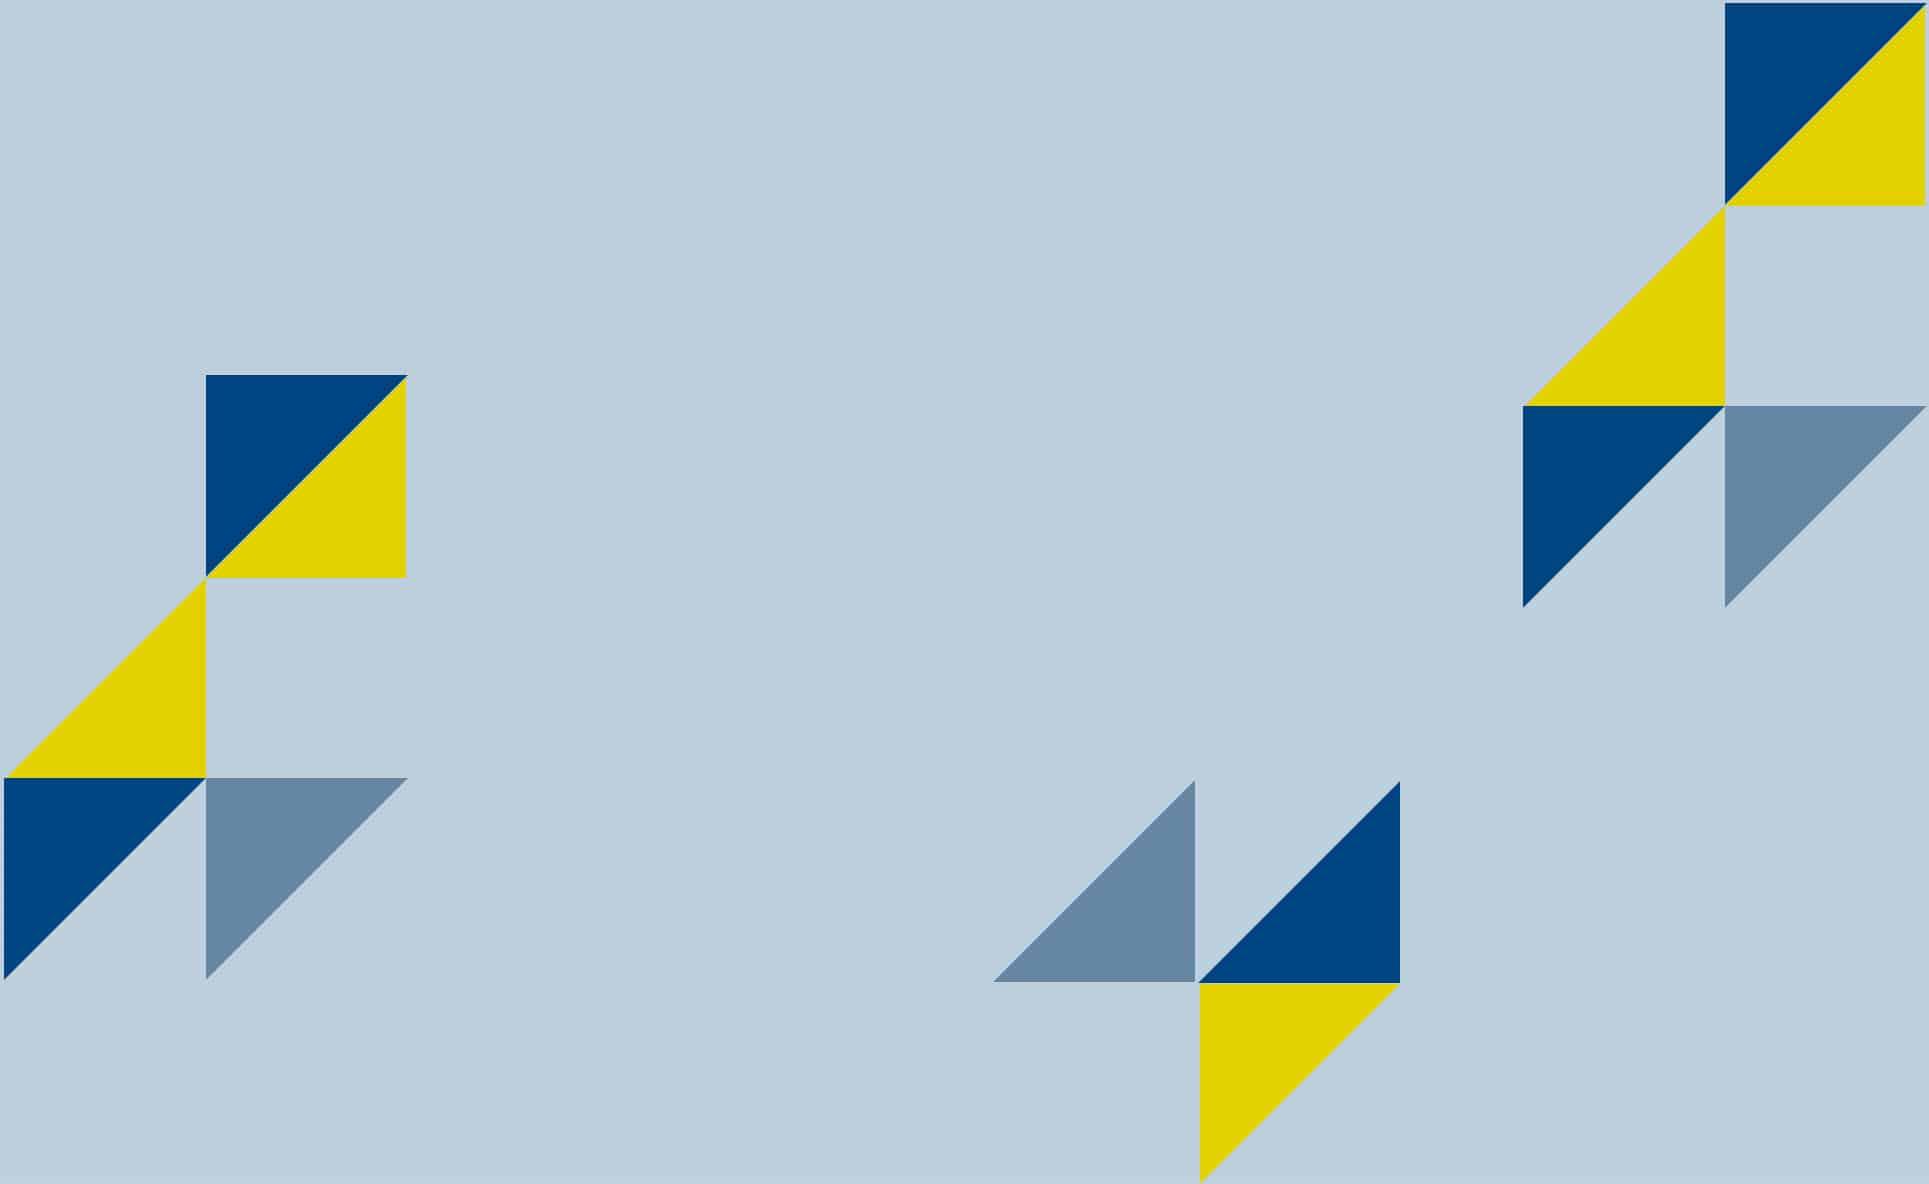 Diagma reformula site com nova identidade visual